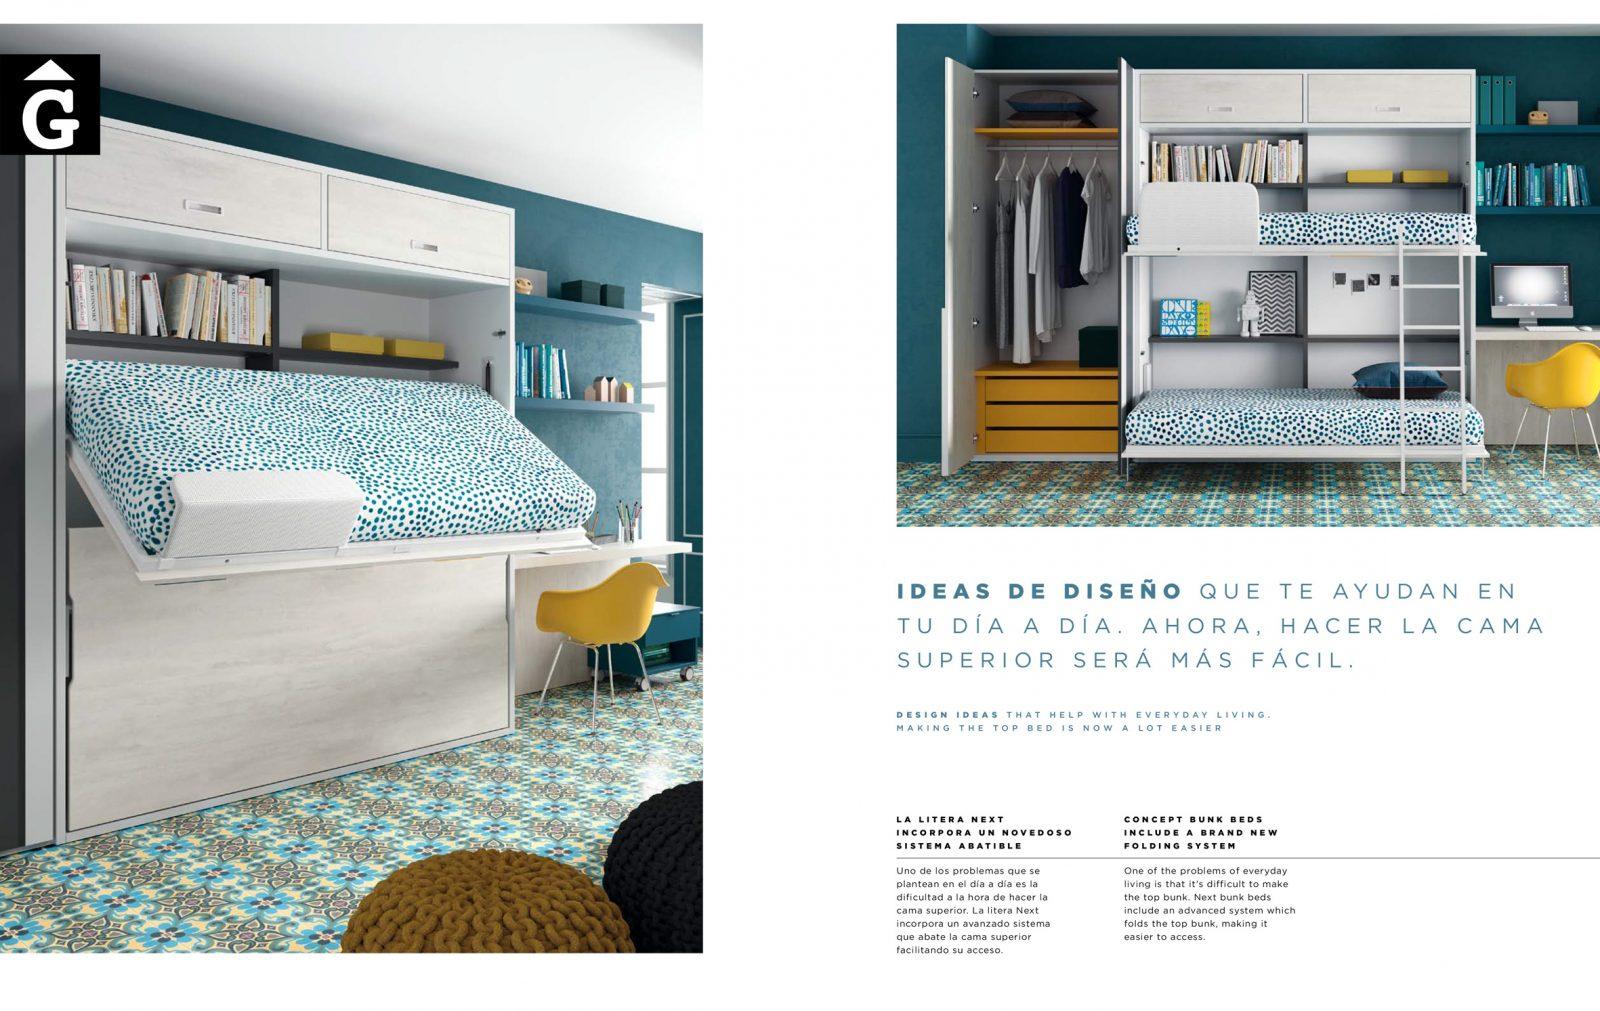 Llitera plagable amb llit de dalt apunt per fer el llit QB NEXT Tegar by nobles GIFREU Girona modern minim elegant atemporal